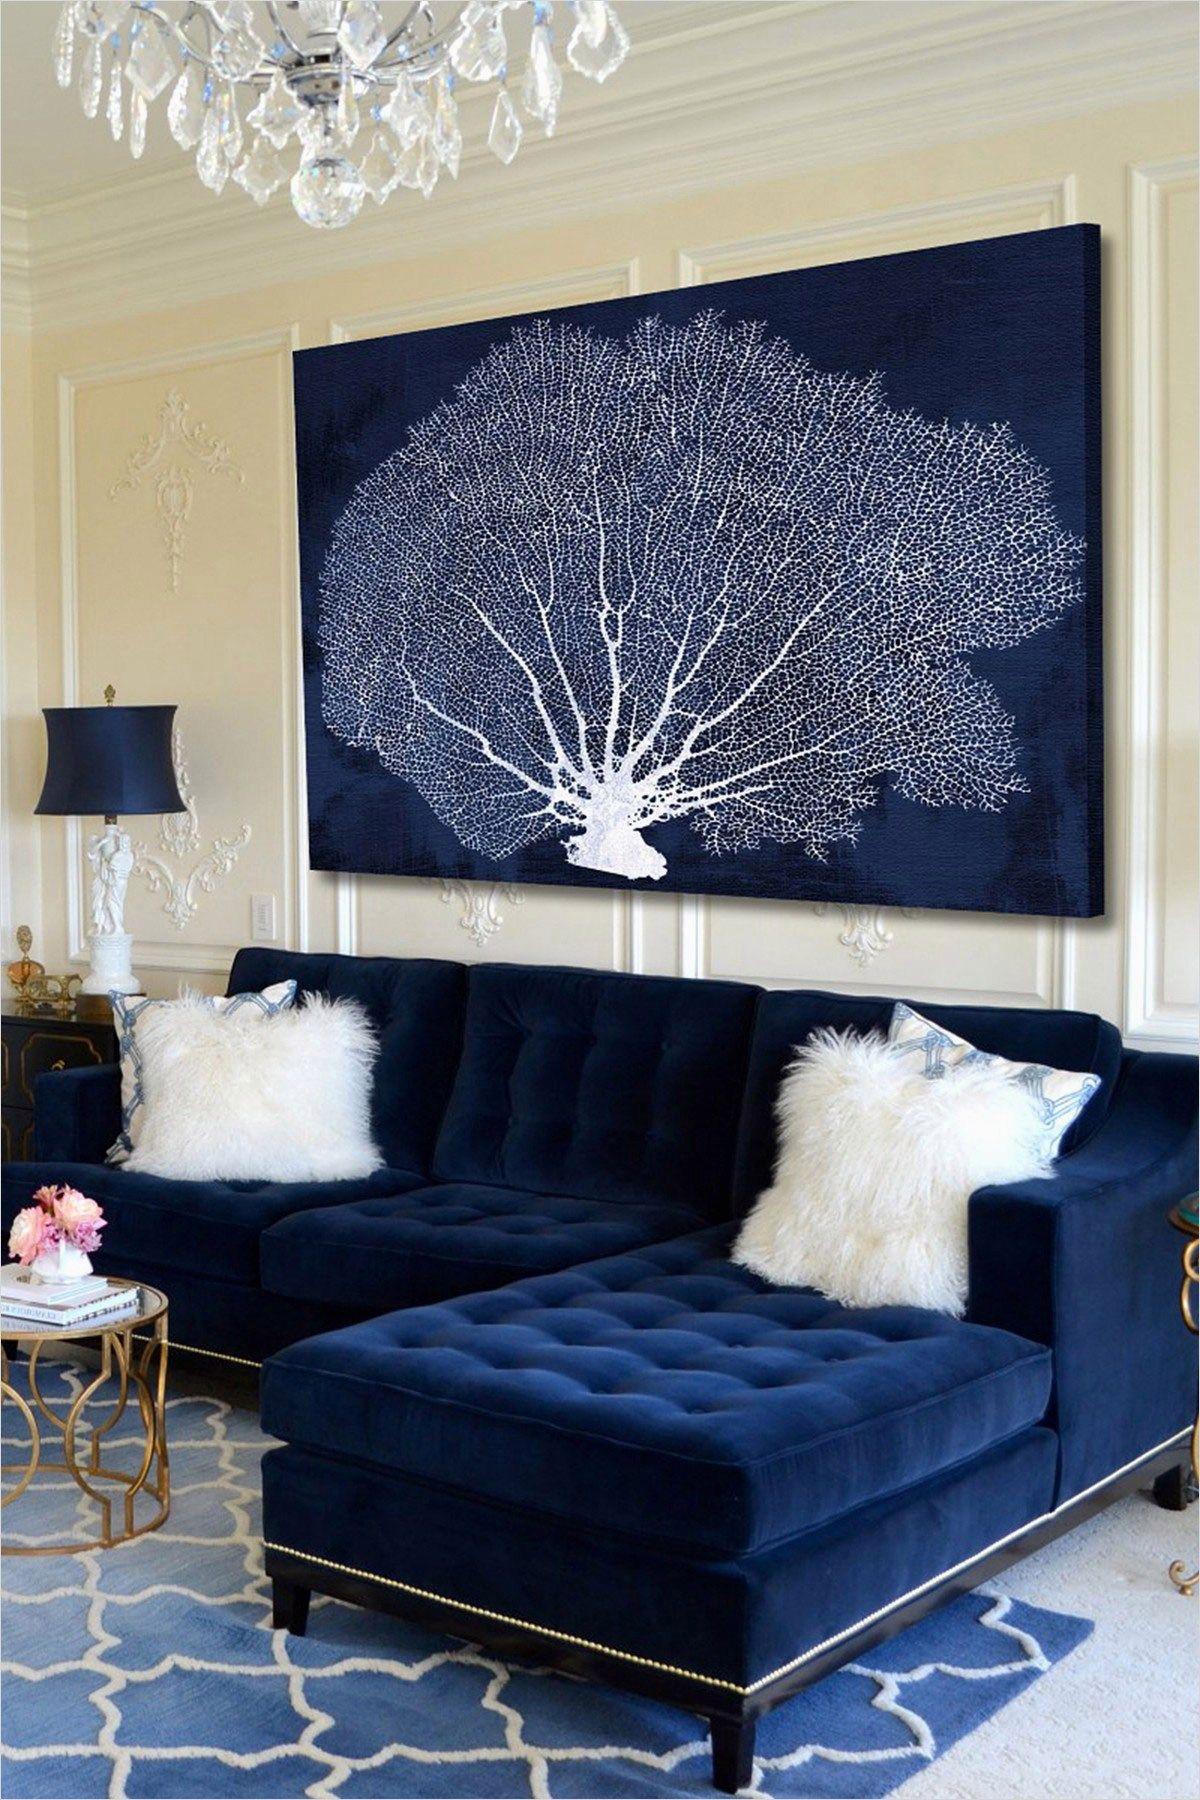 5 Amazing Navy Blue and White Living Room Ideas   DecoRewarding ...